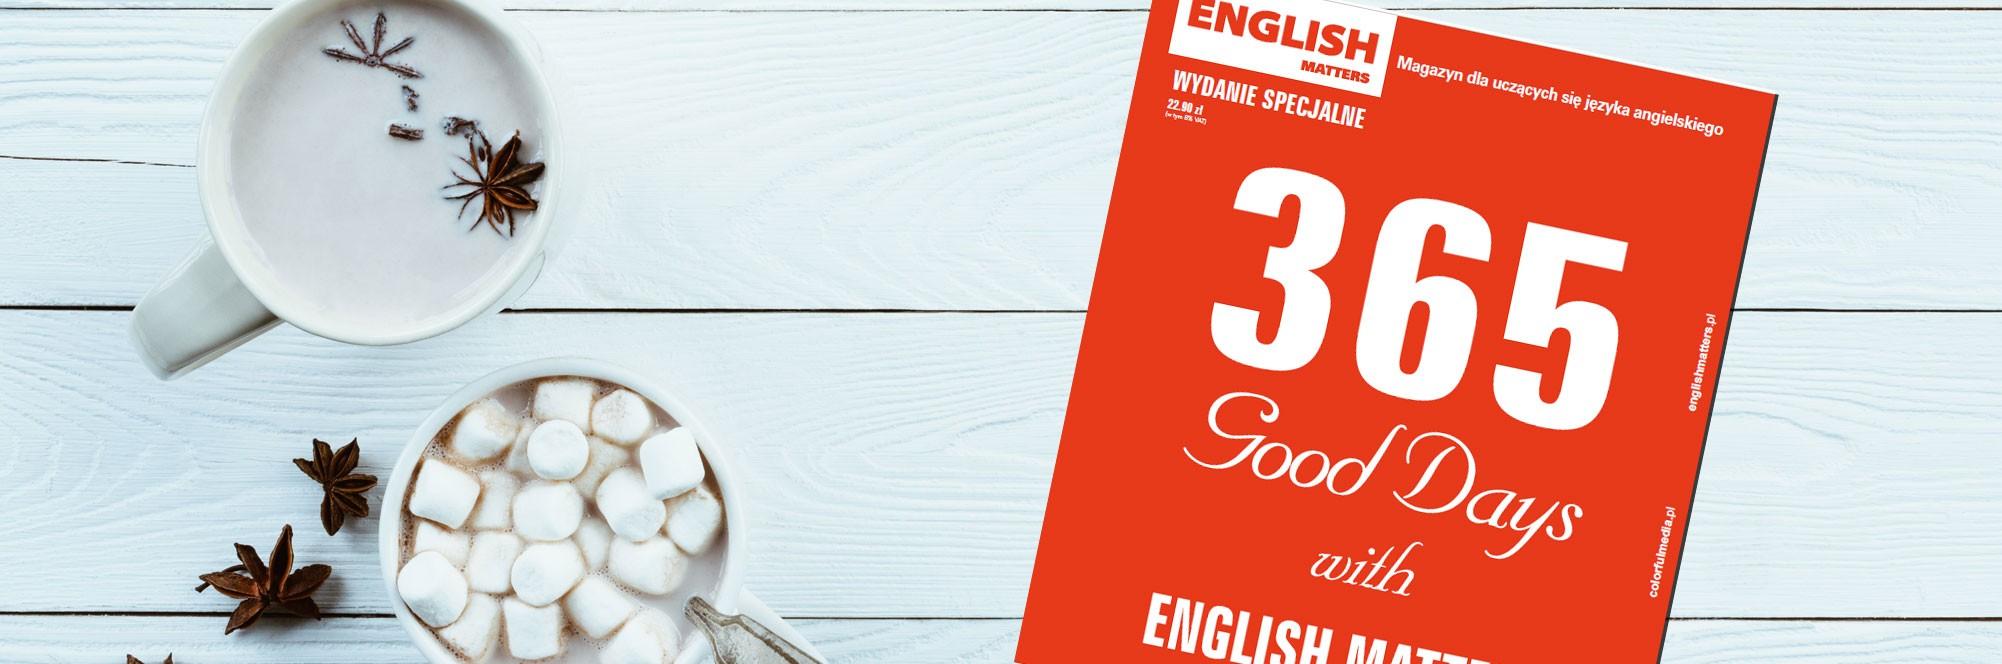 Wydanie specjalne 365 Good Days with English Matters